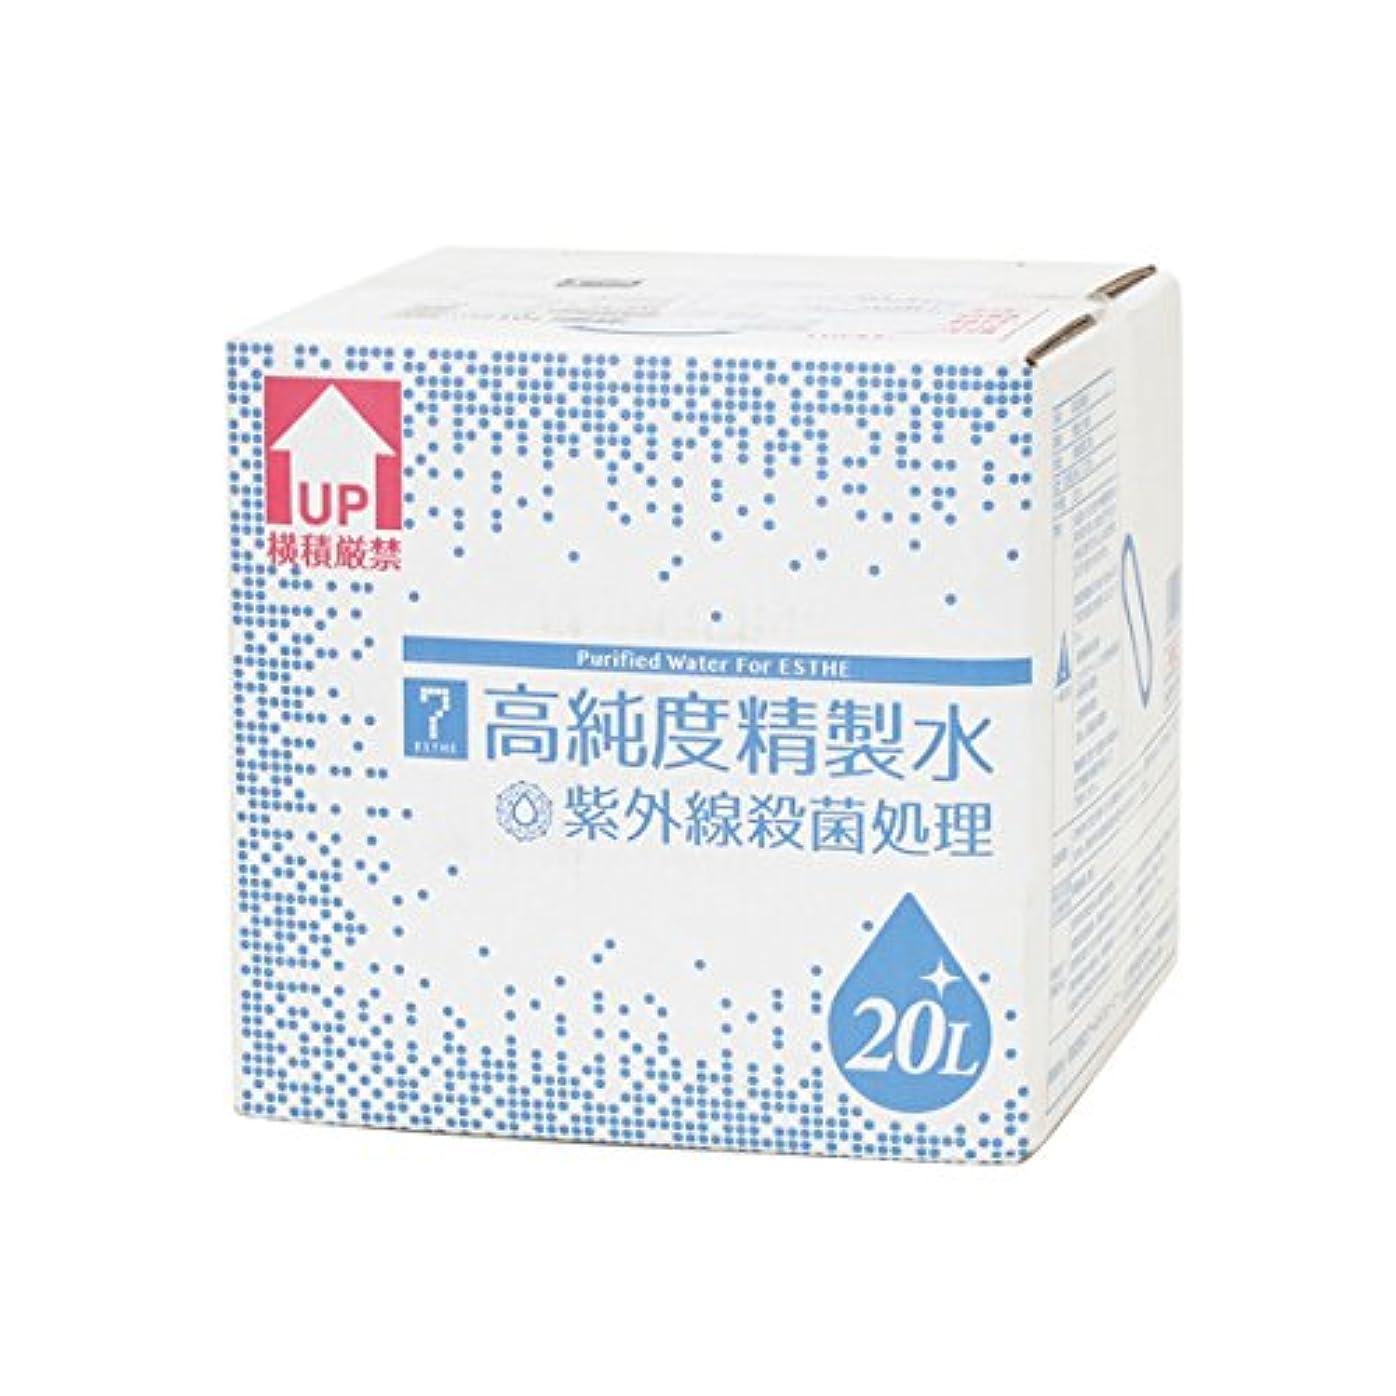 破裂テレックスセメント高純度 精製水 20L (コック付) [ 精製水 純水 エステ スチーマー フェイシャルスチーマー 美顔器 ]